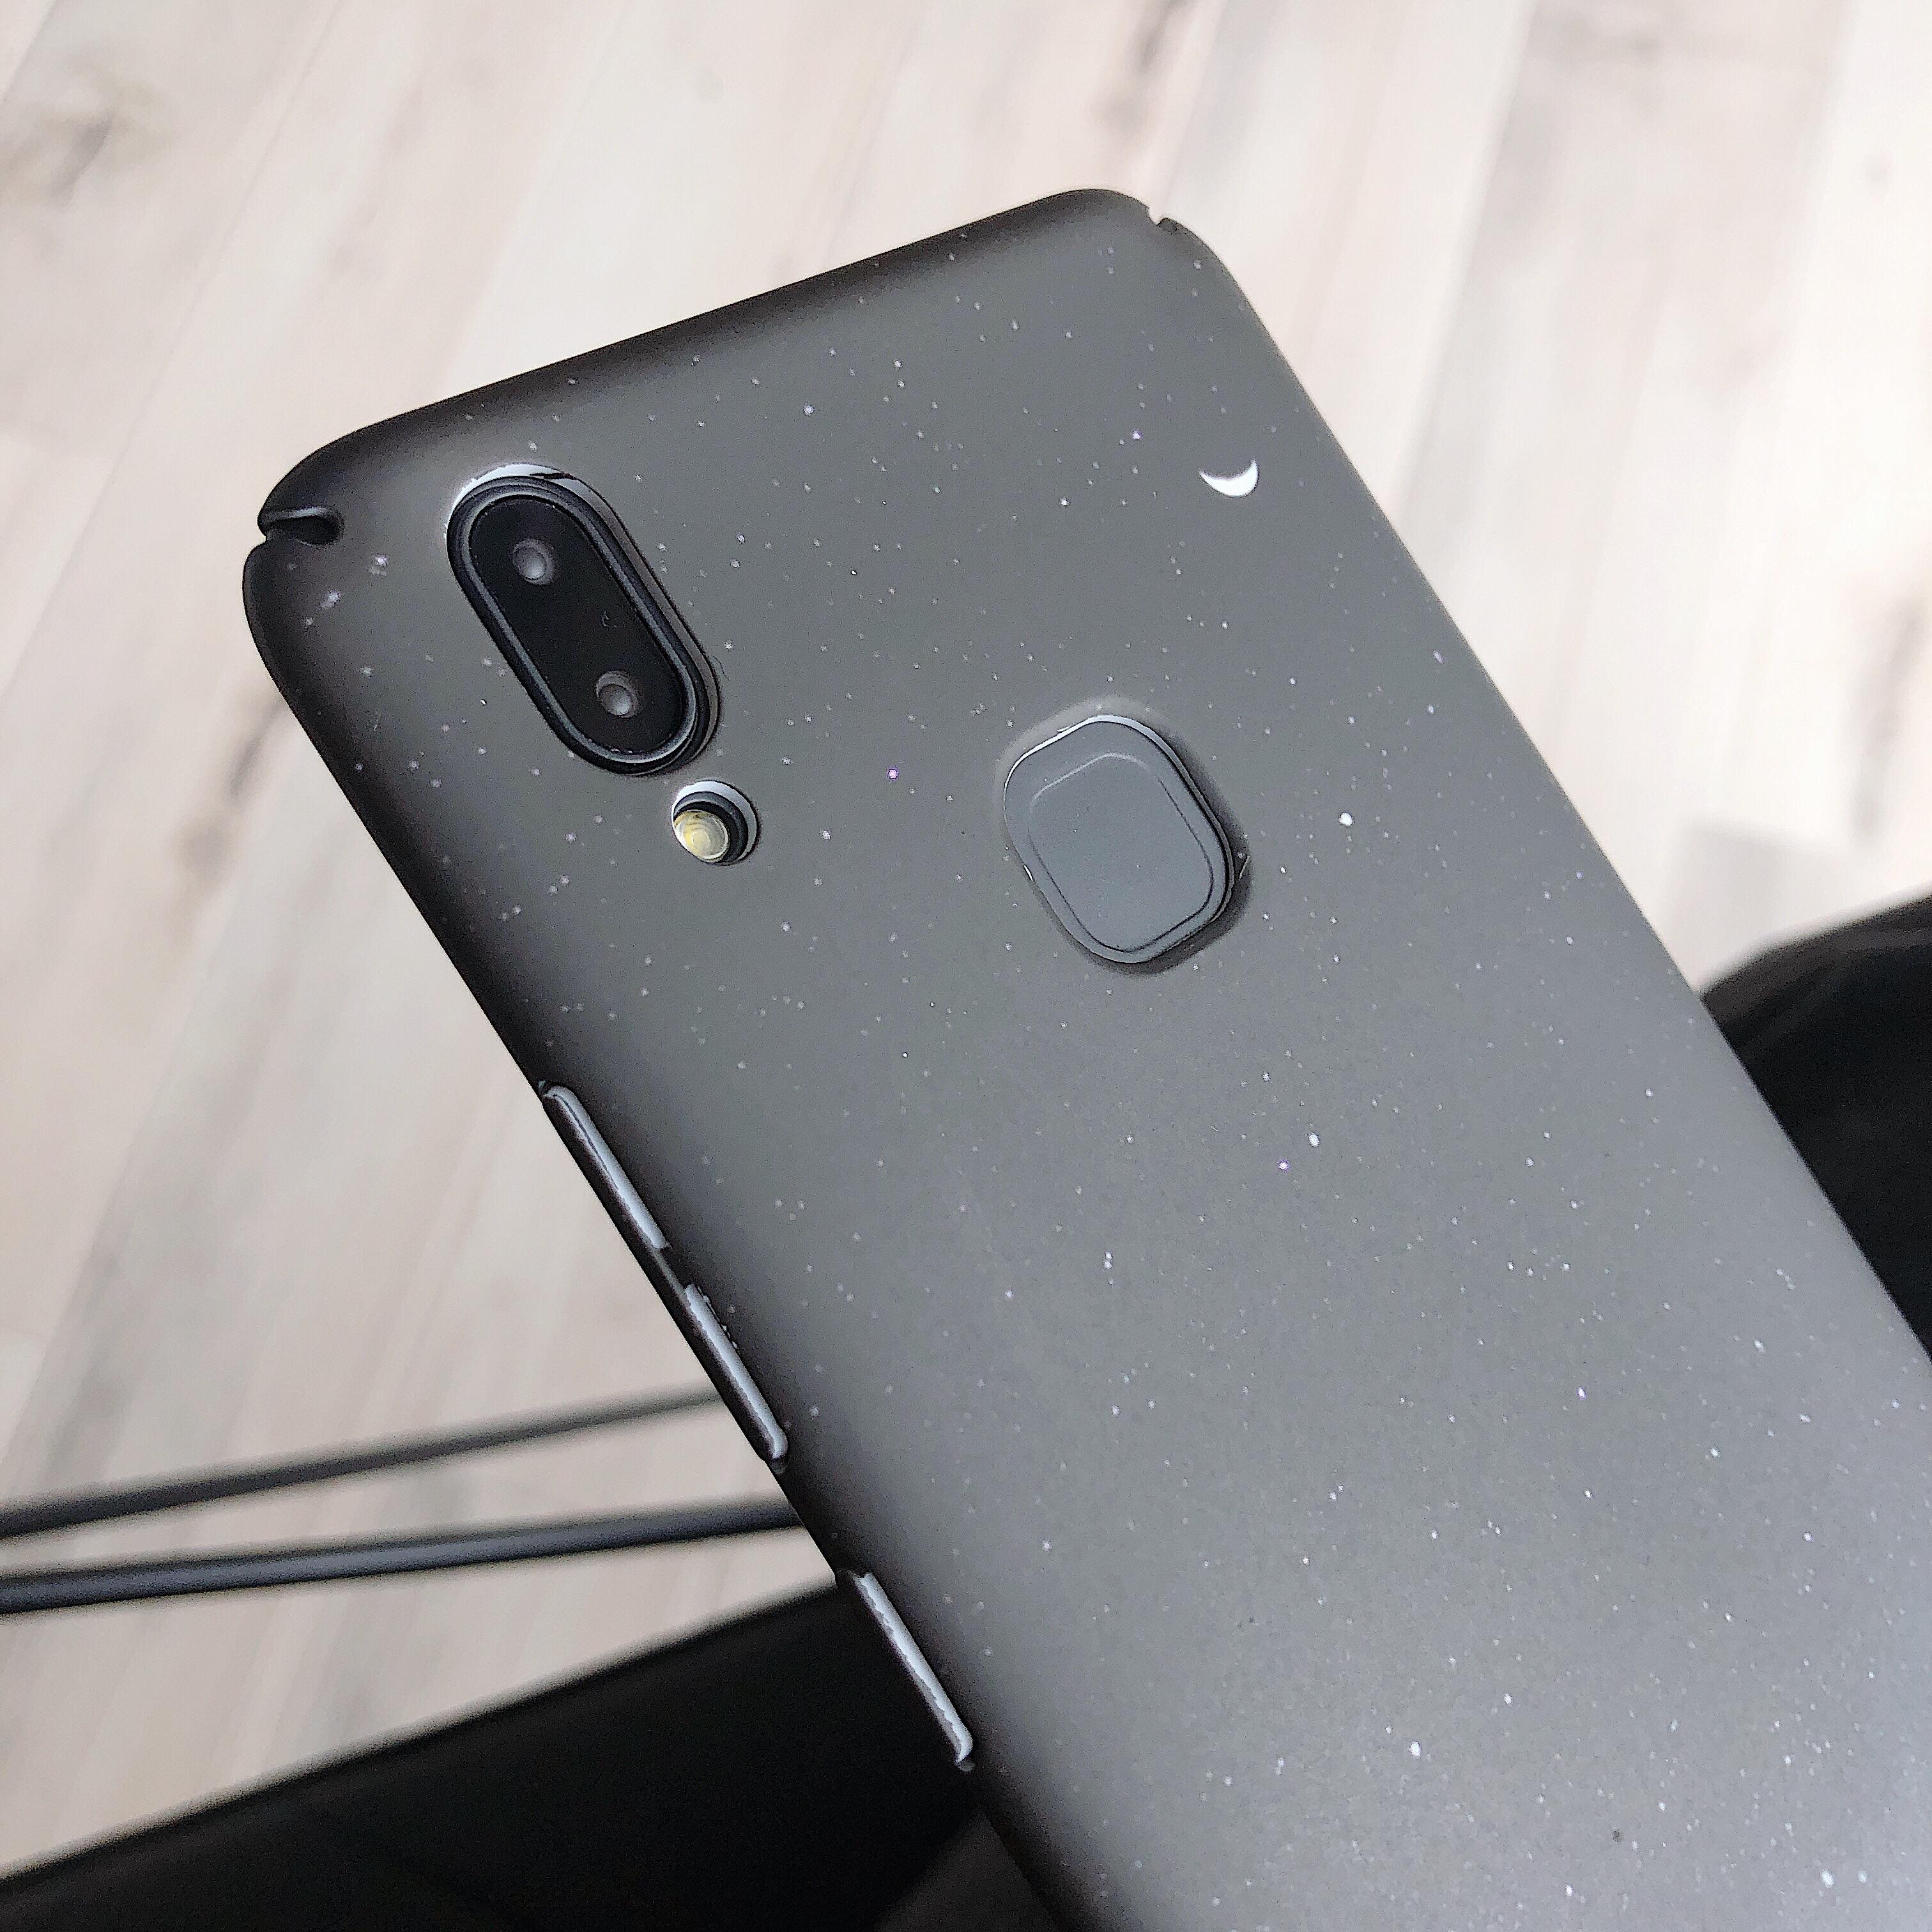 黑色个性三星nova3i/荣耀10/mate20手机壳苹果6x磨砂华为s8任务小米xr安卓多星空图片